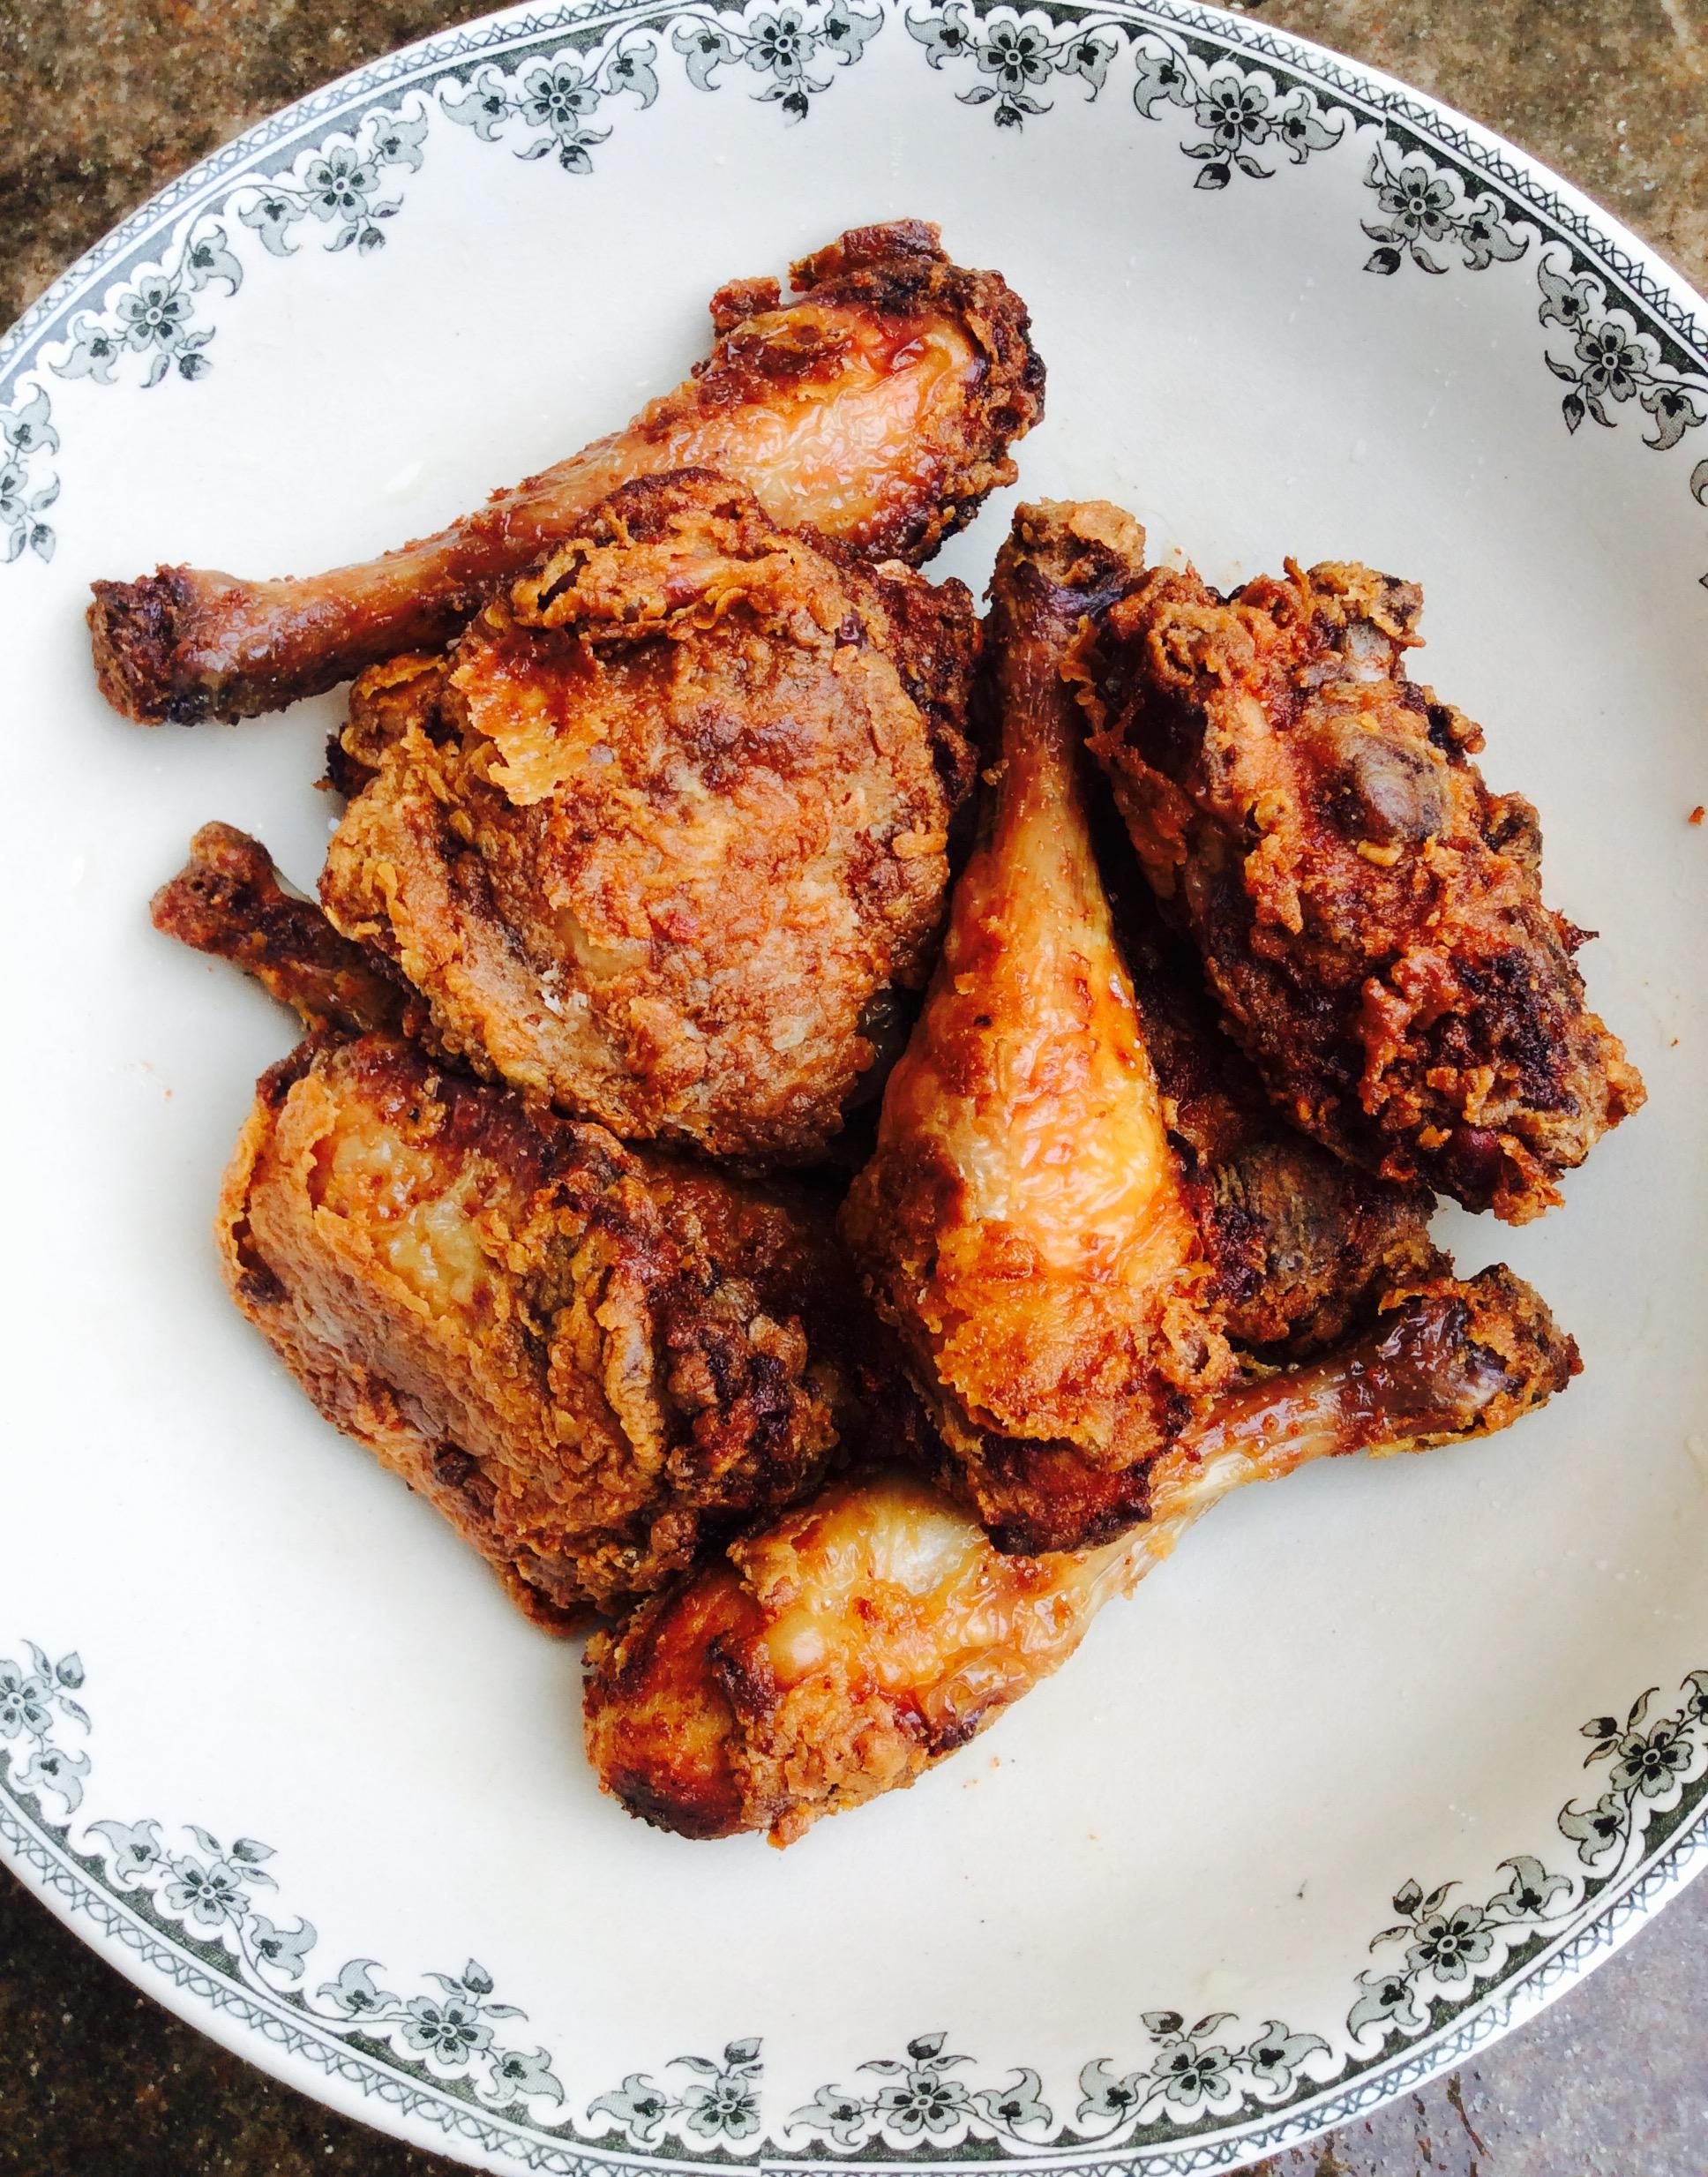 fried chicken poulet frit l 39 am ricaine foodlolo. Black Bedroom Furniture Sets. Home Design Ideas